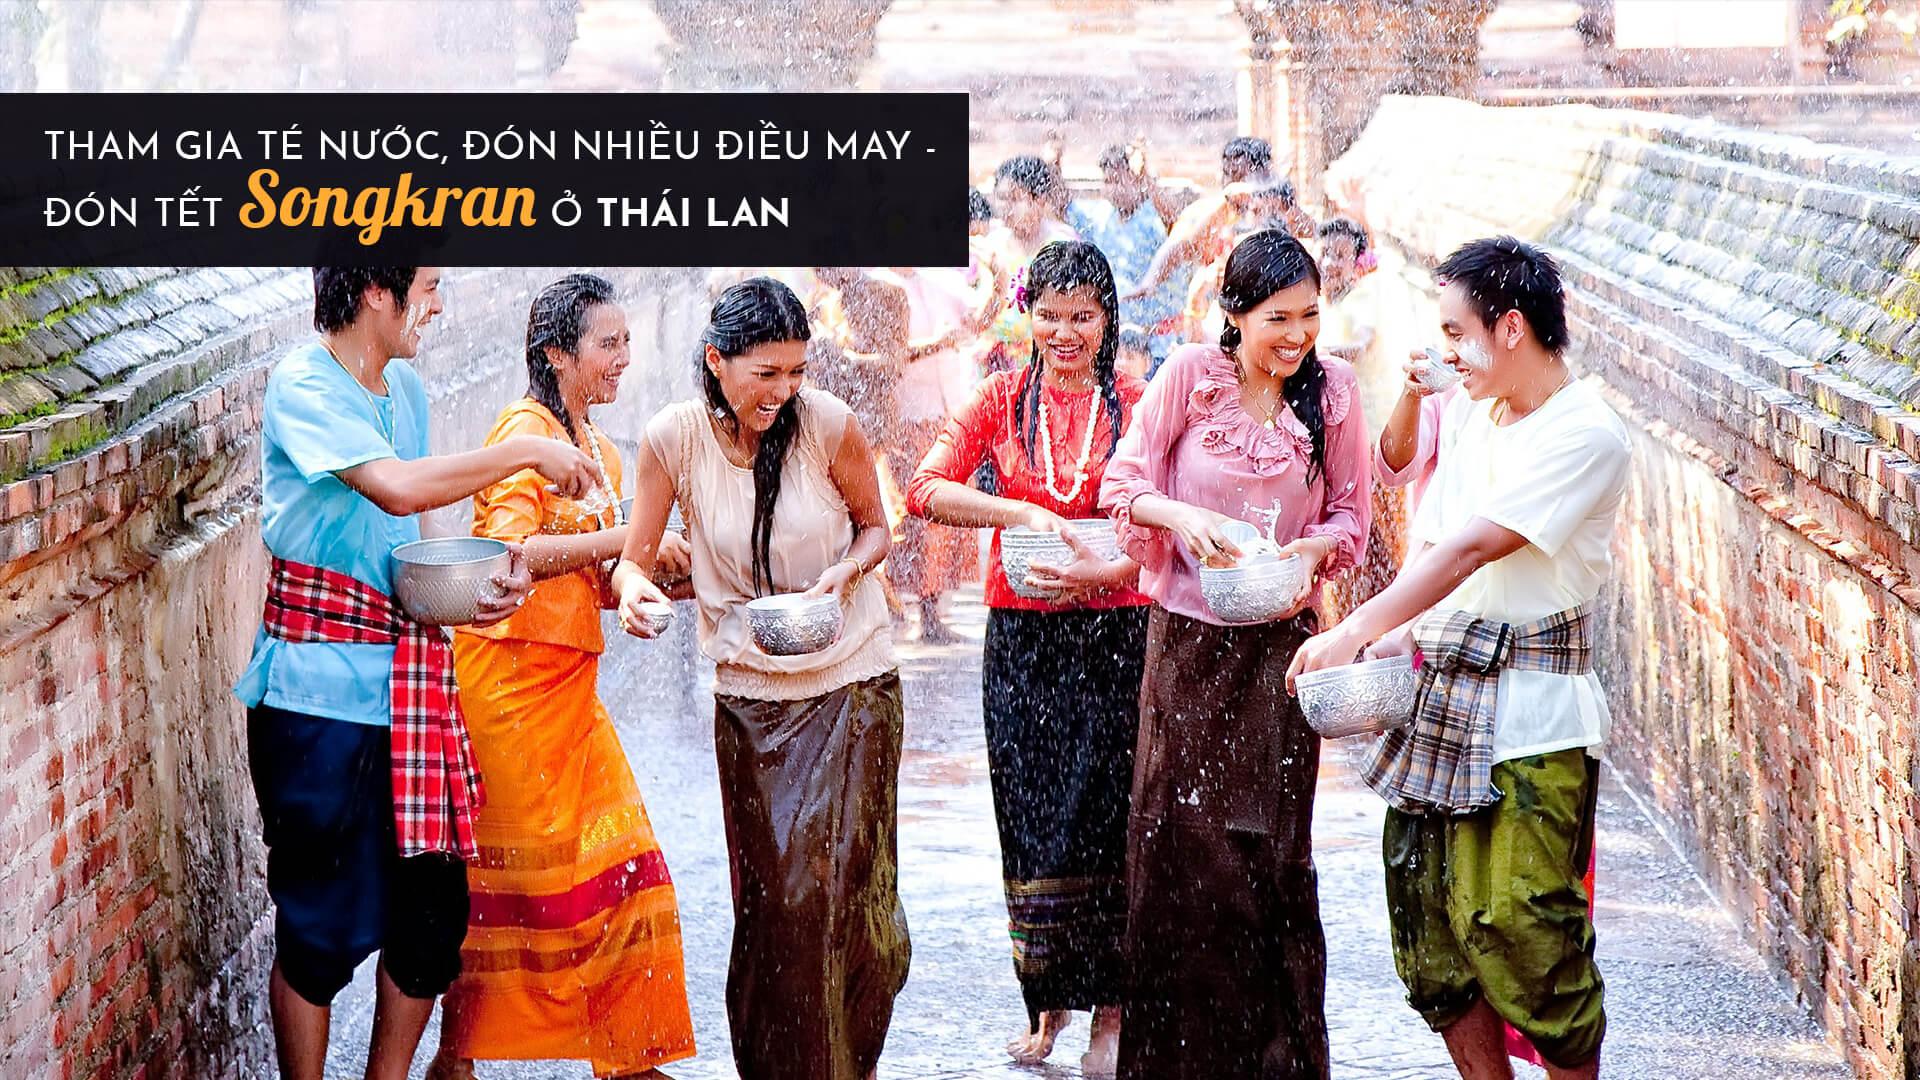 Tham gia té nước, đón nhiều điều may - Đón Tết Songkran ở Thái Lan cùng Yeudulich